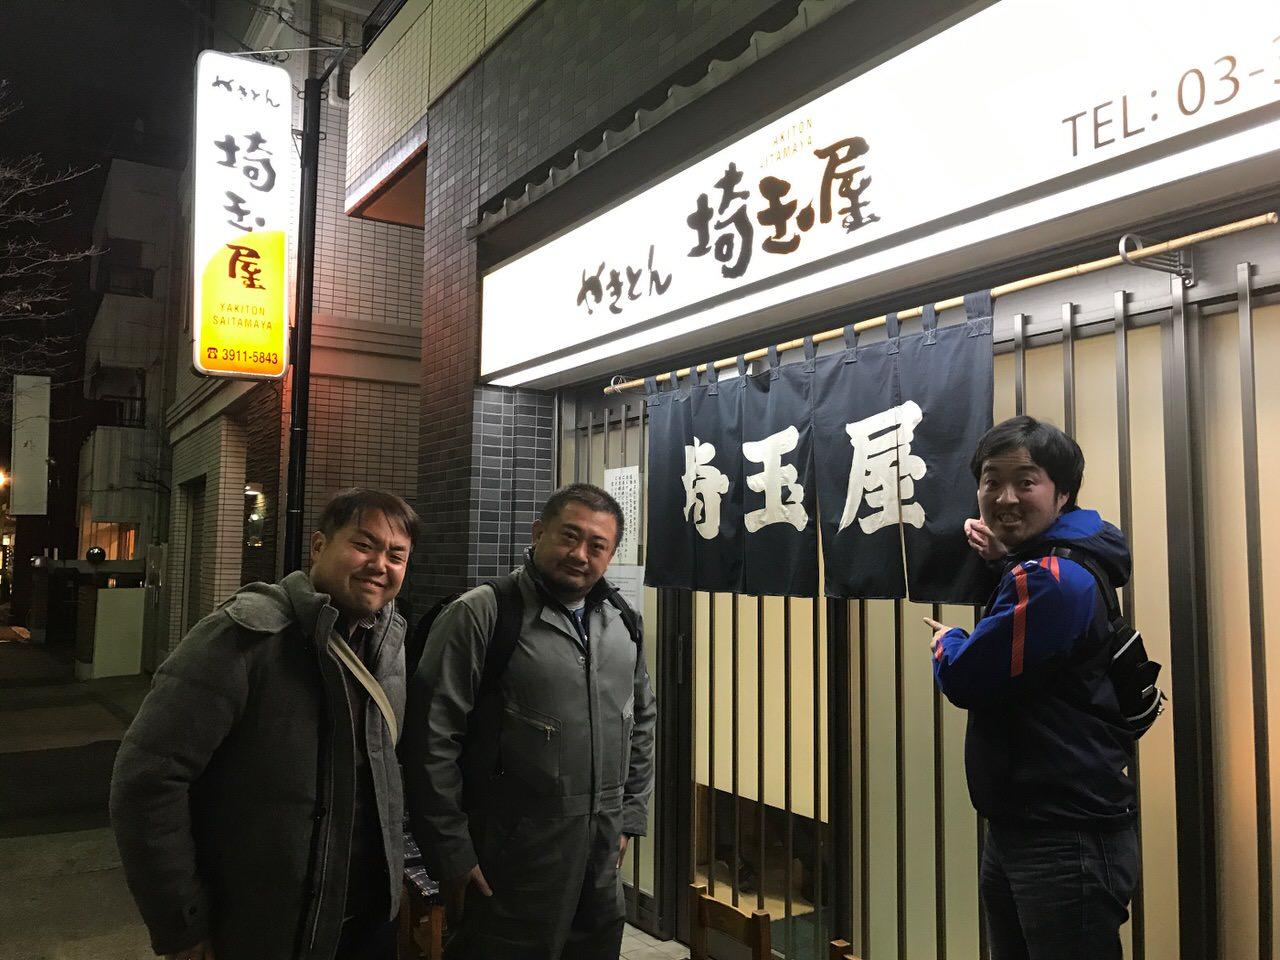 Saitamaya 3948